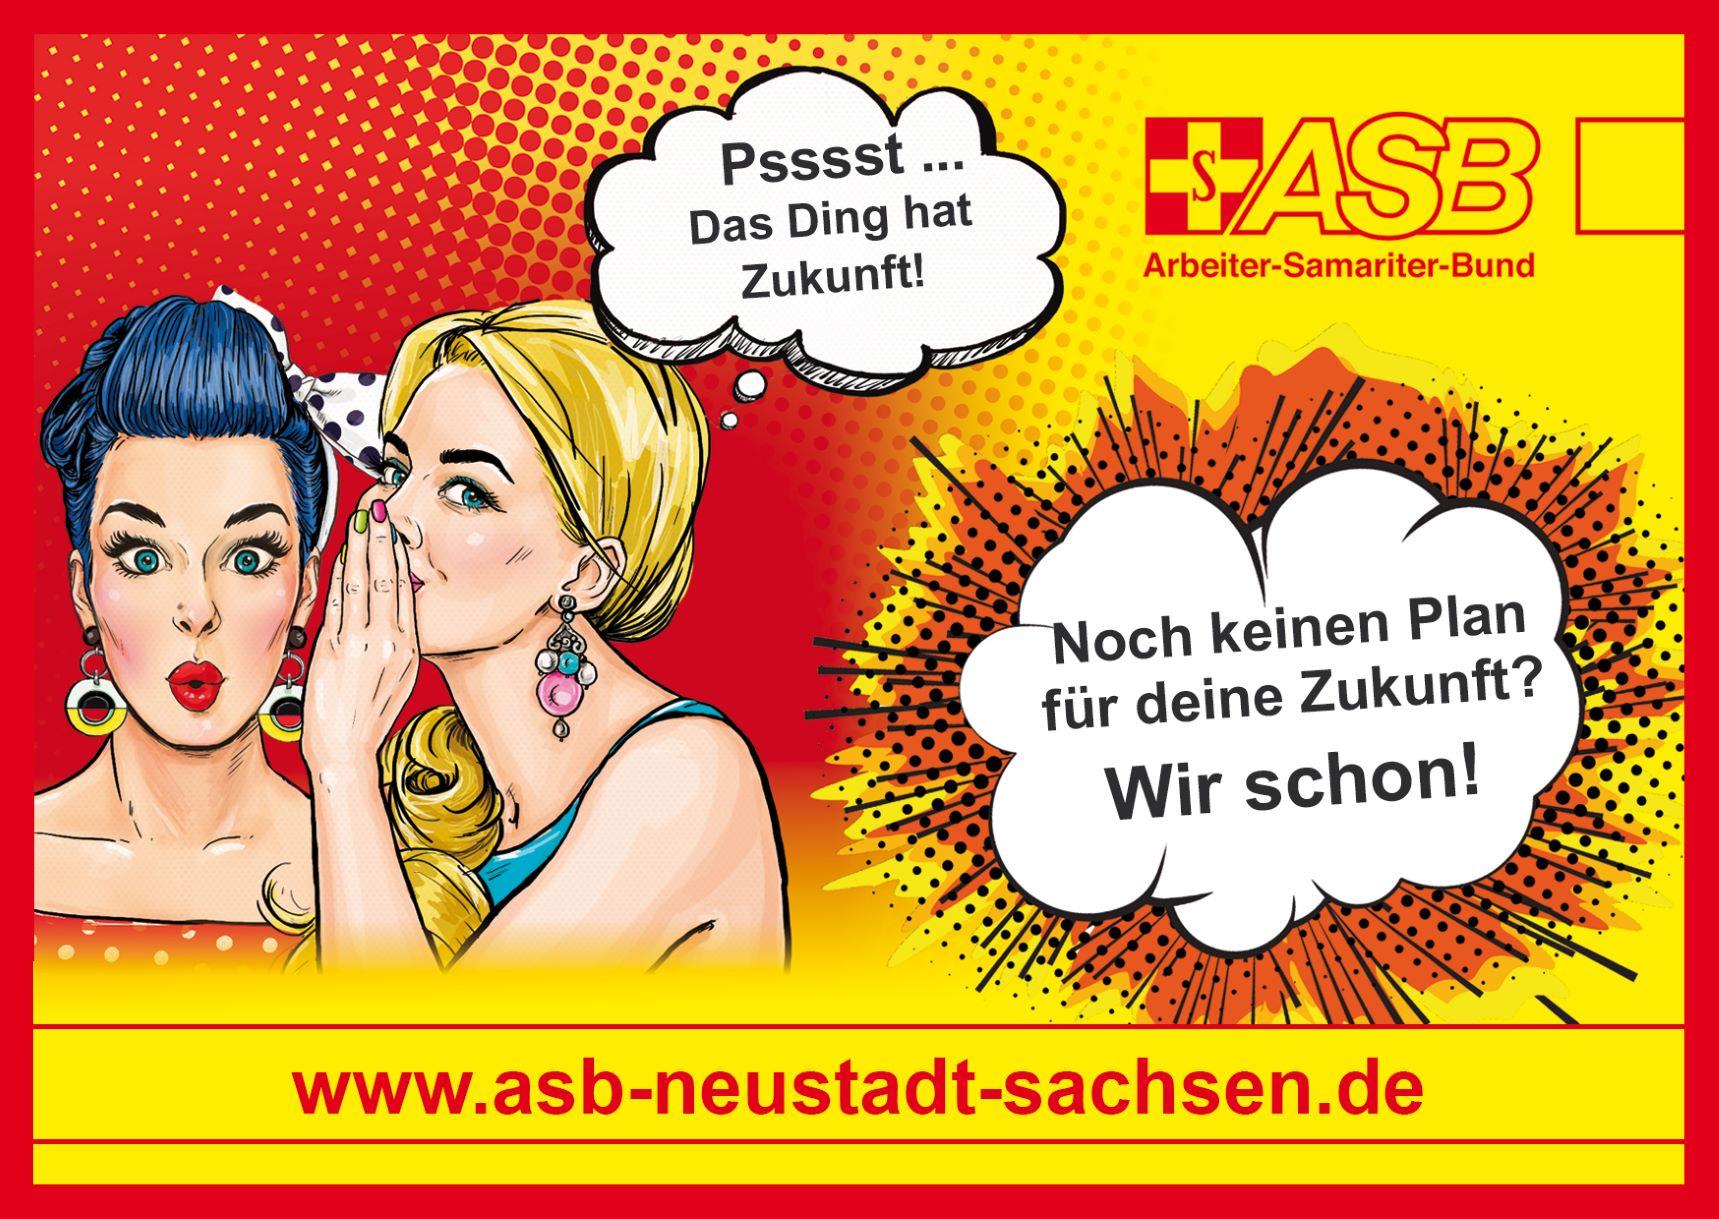 Anzeige ASB Neustadt